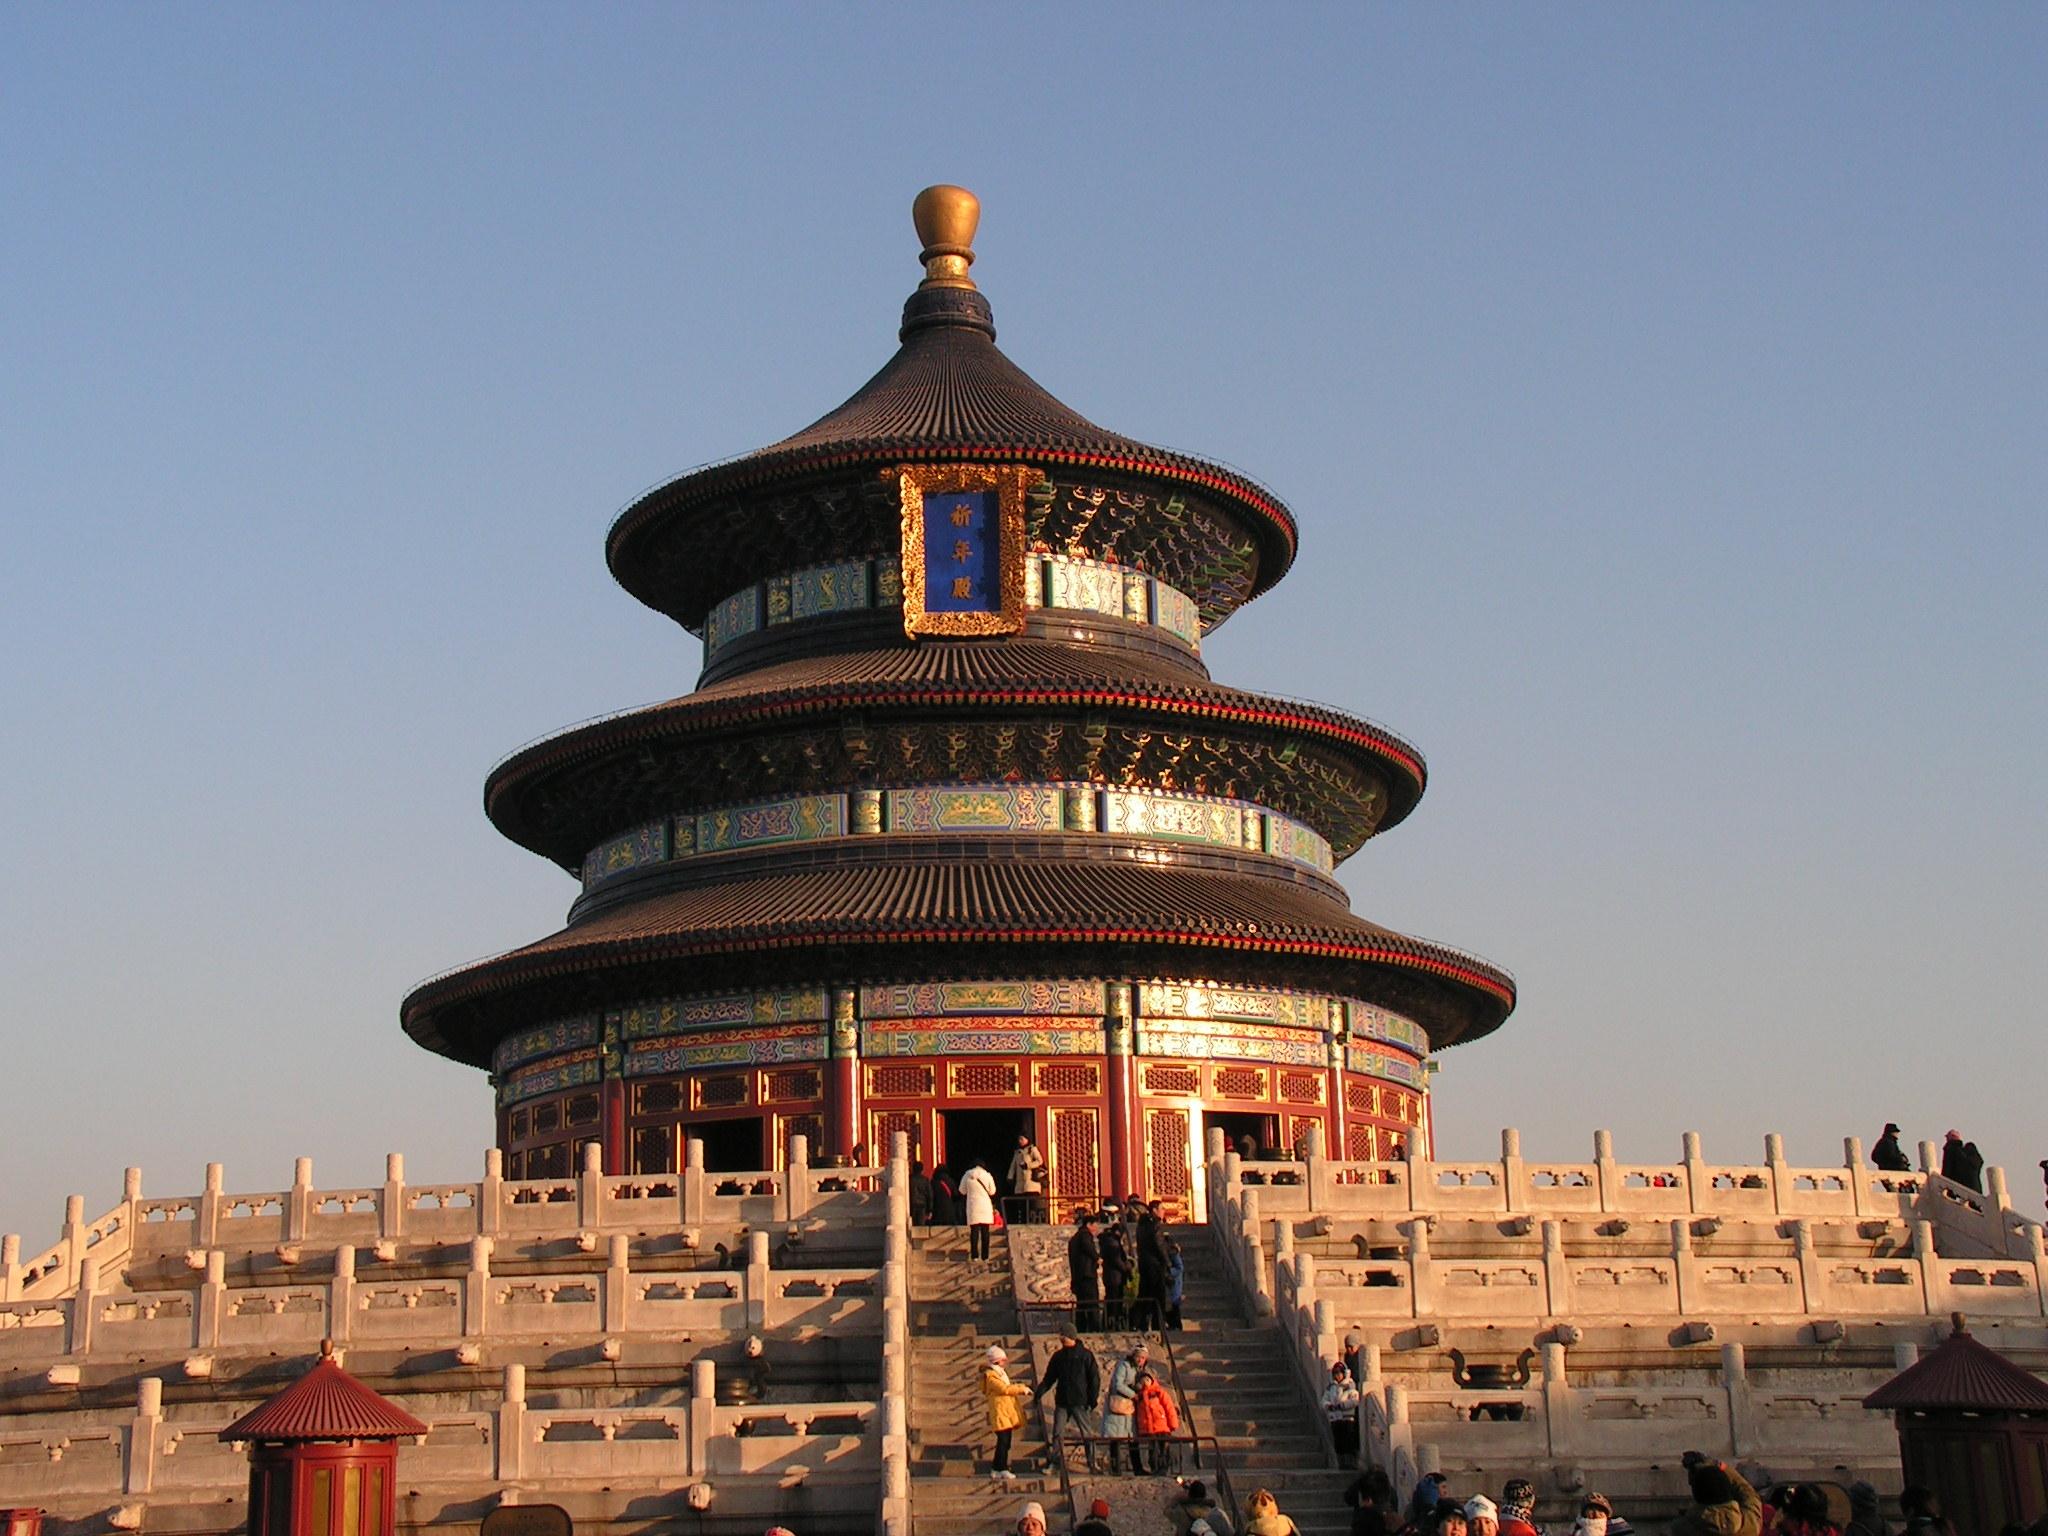 全北京尽览无余(全景摄影) - 1194626629 - 闲谈莫论人非,静坐常思己过